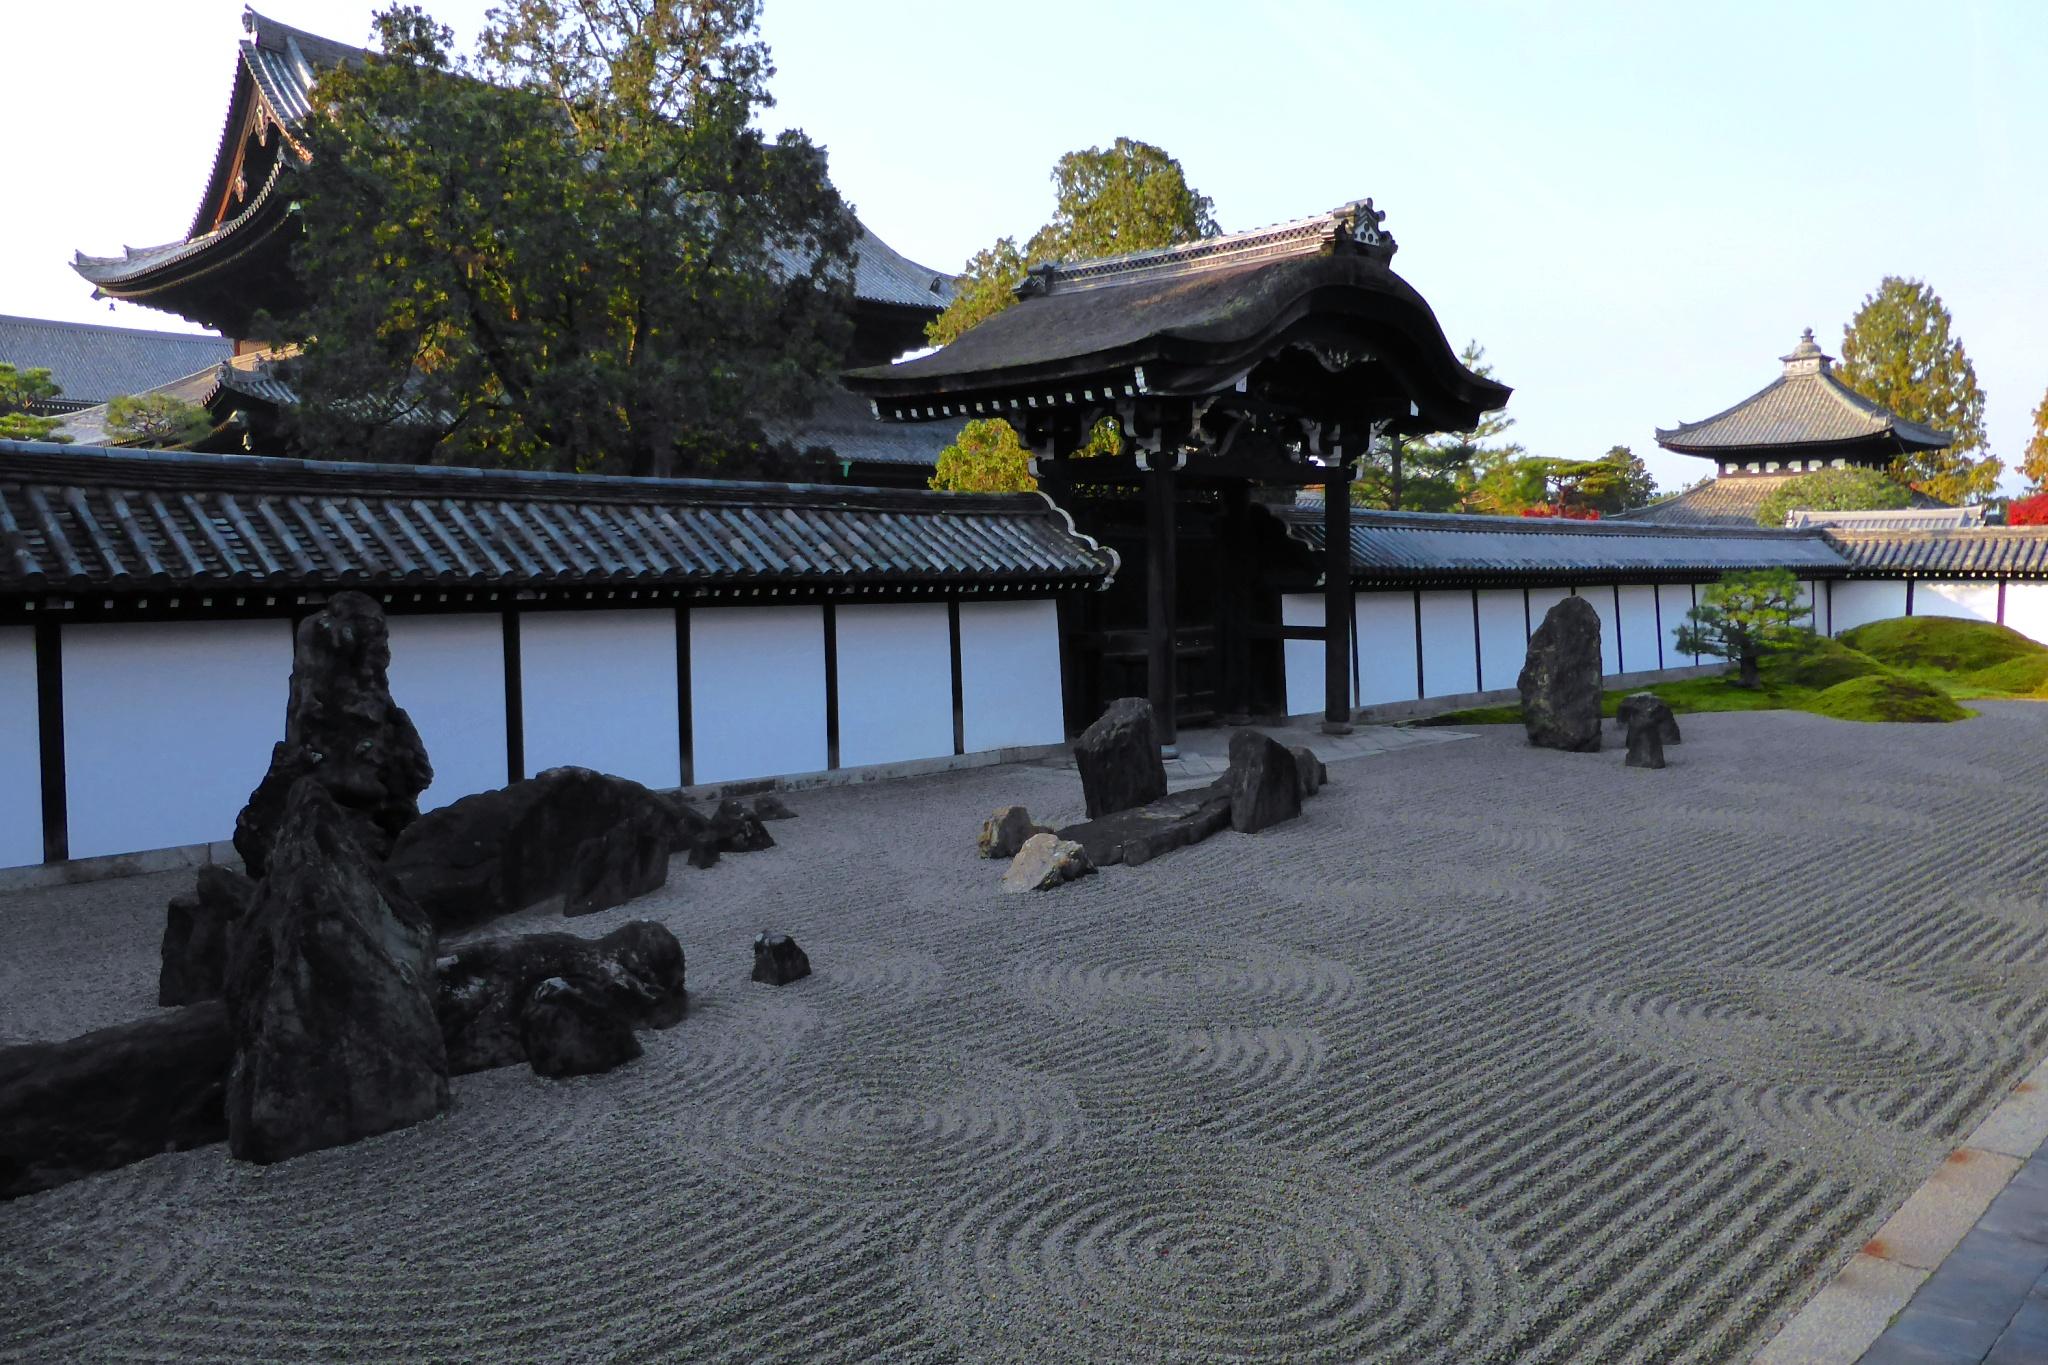 Tofuku-ji, Southern Garden